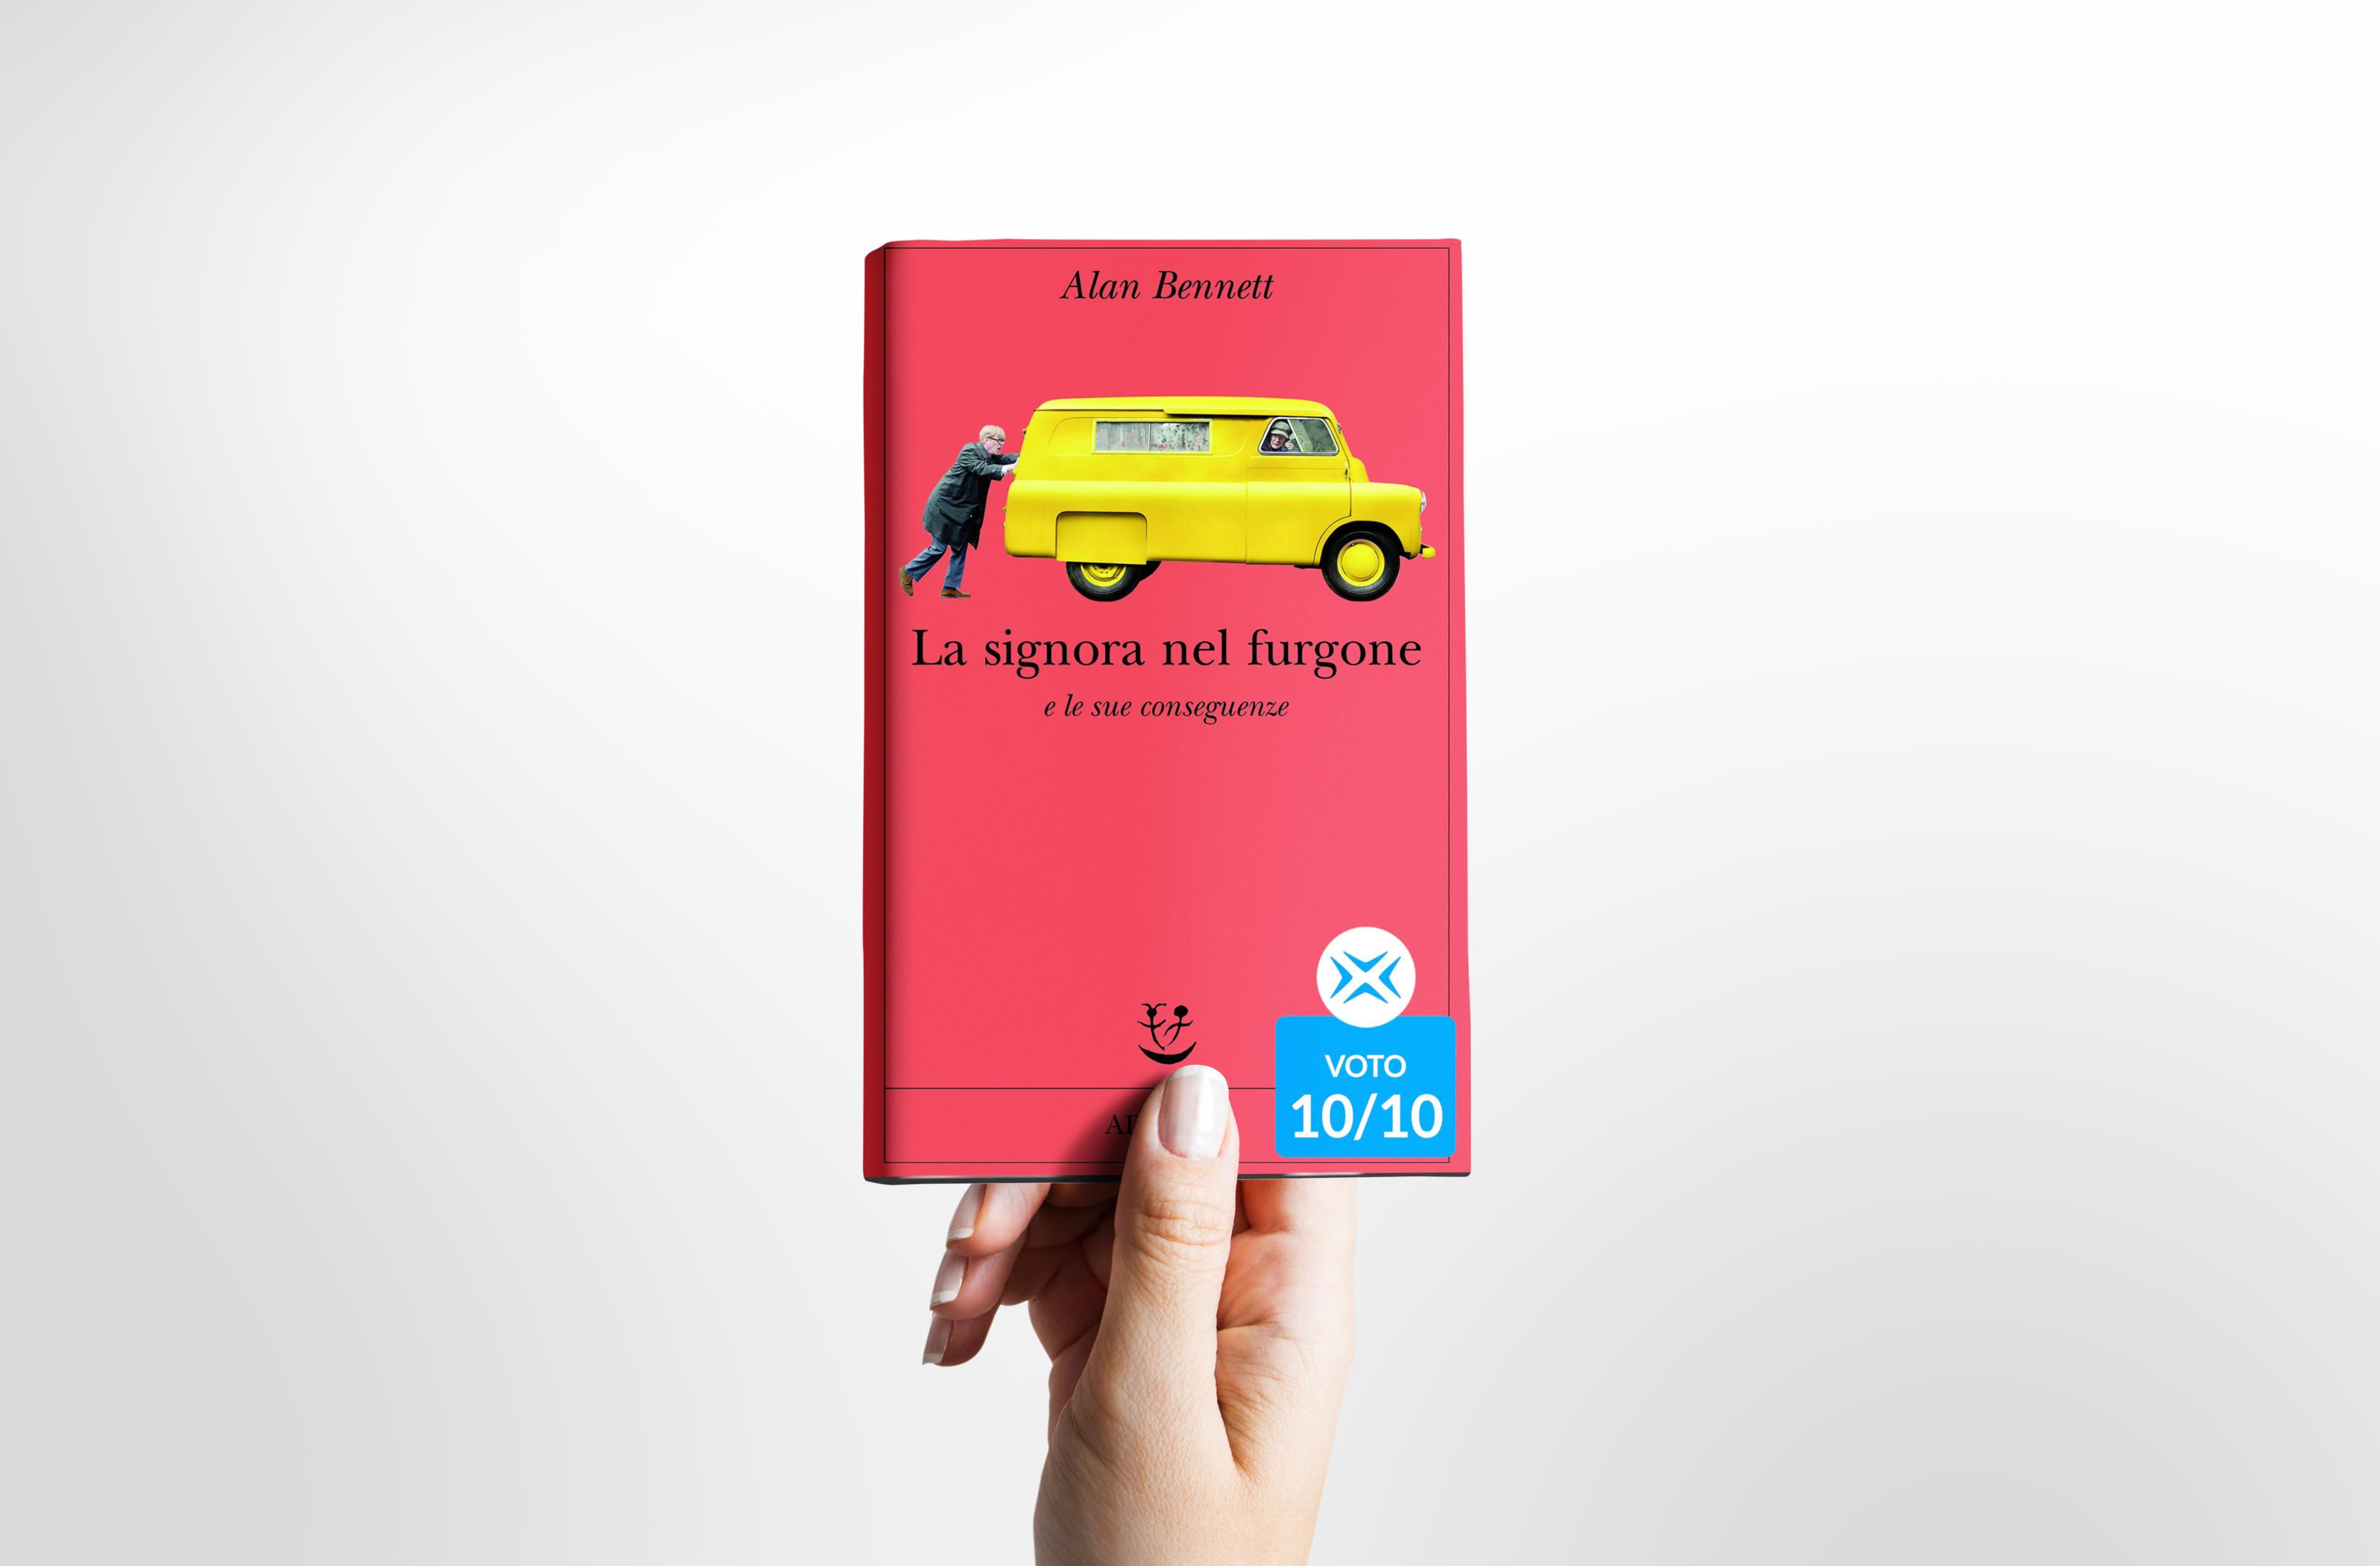 La signora nel furgone di Alan Bennett, cover del libro